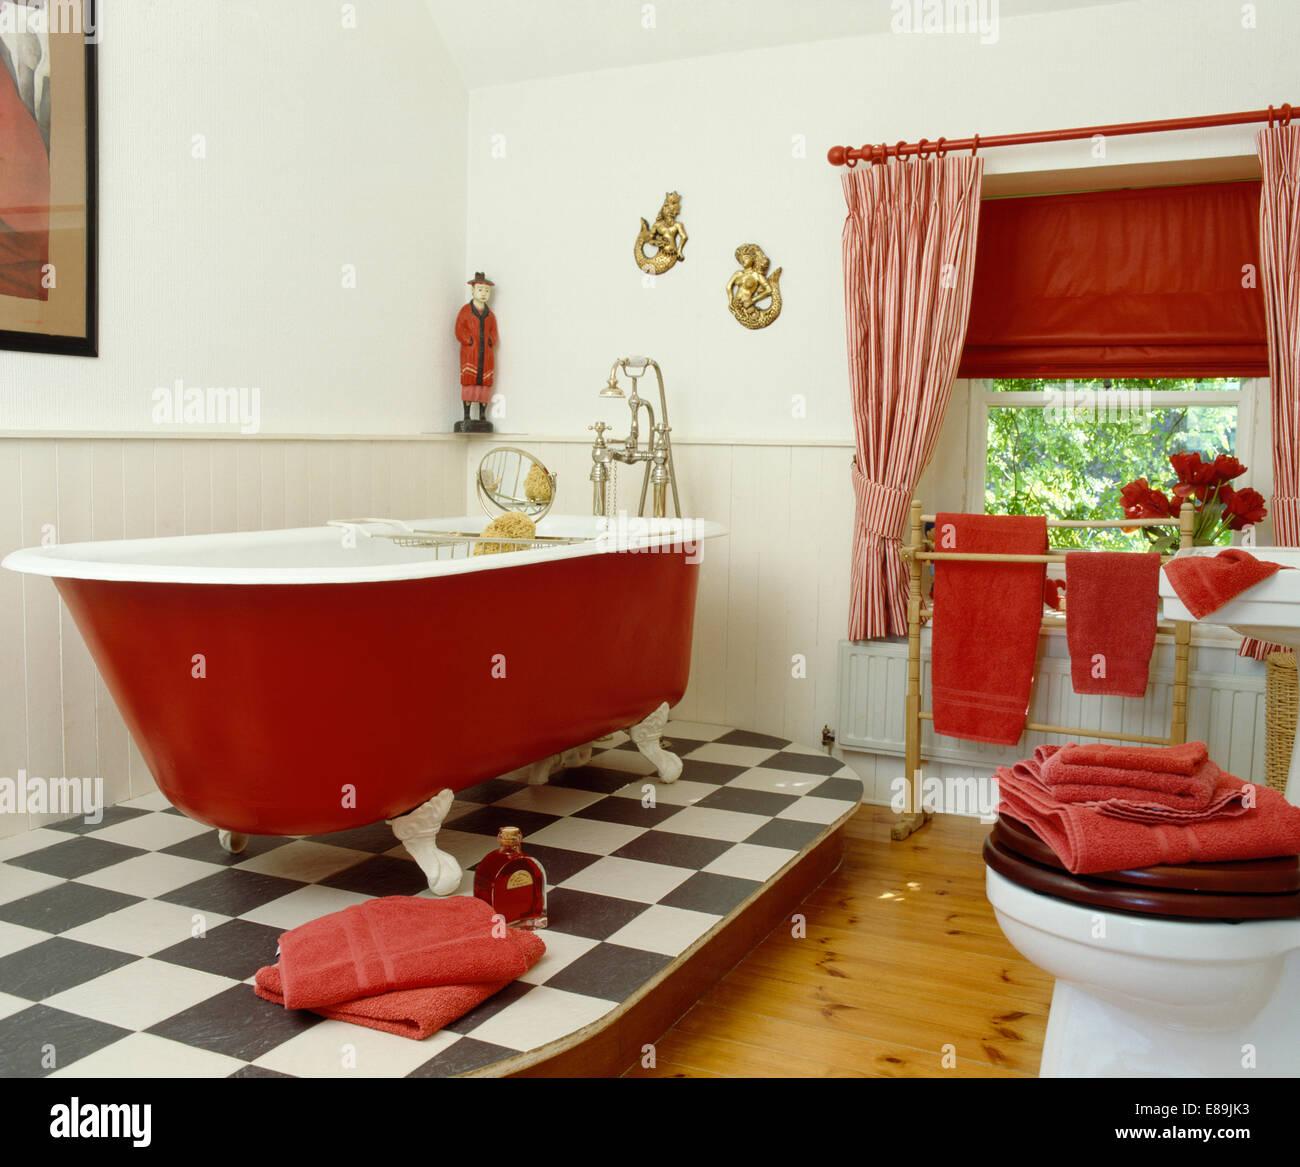 Red Rolltop Bath On Raised Black White Vinyl Floor In